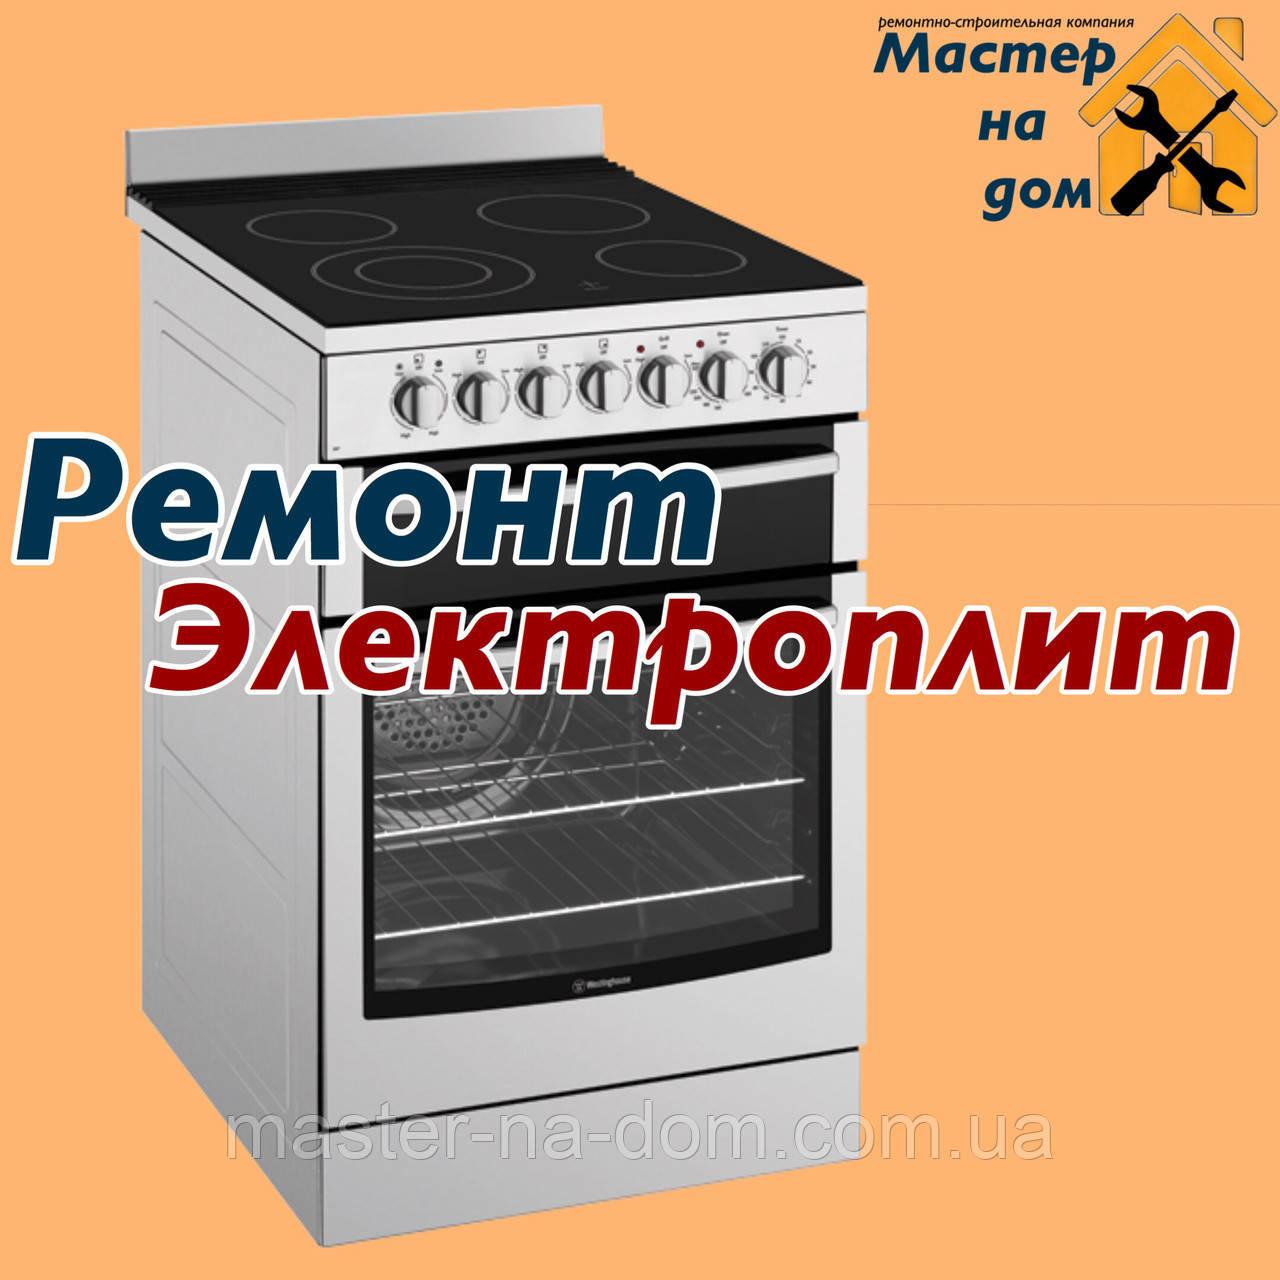 Ремонт электрической плиты во Львове